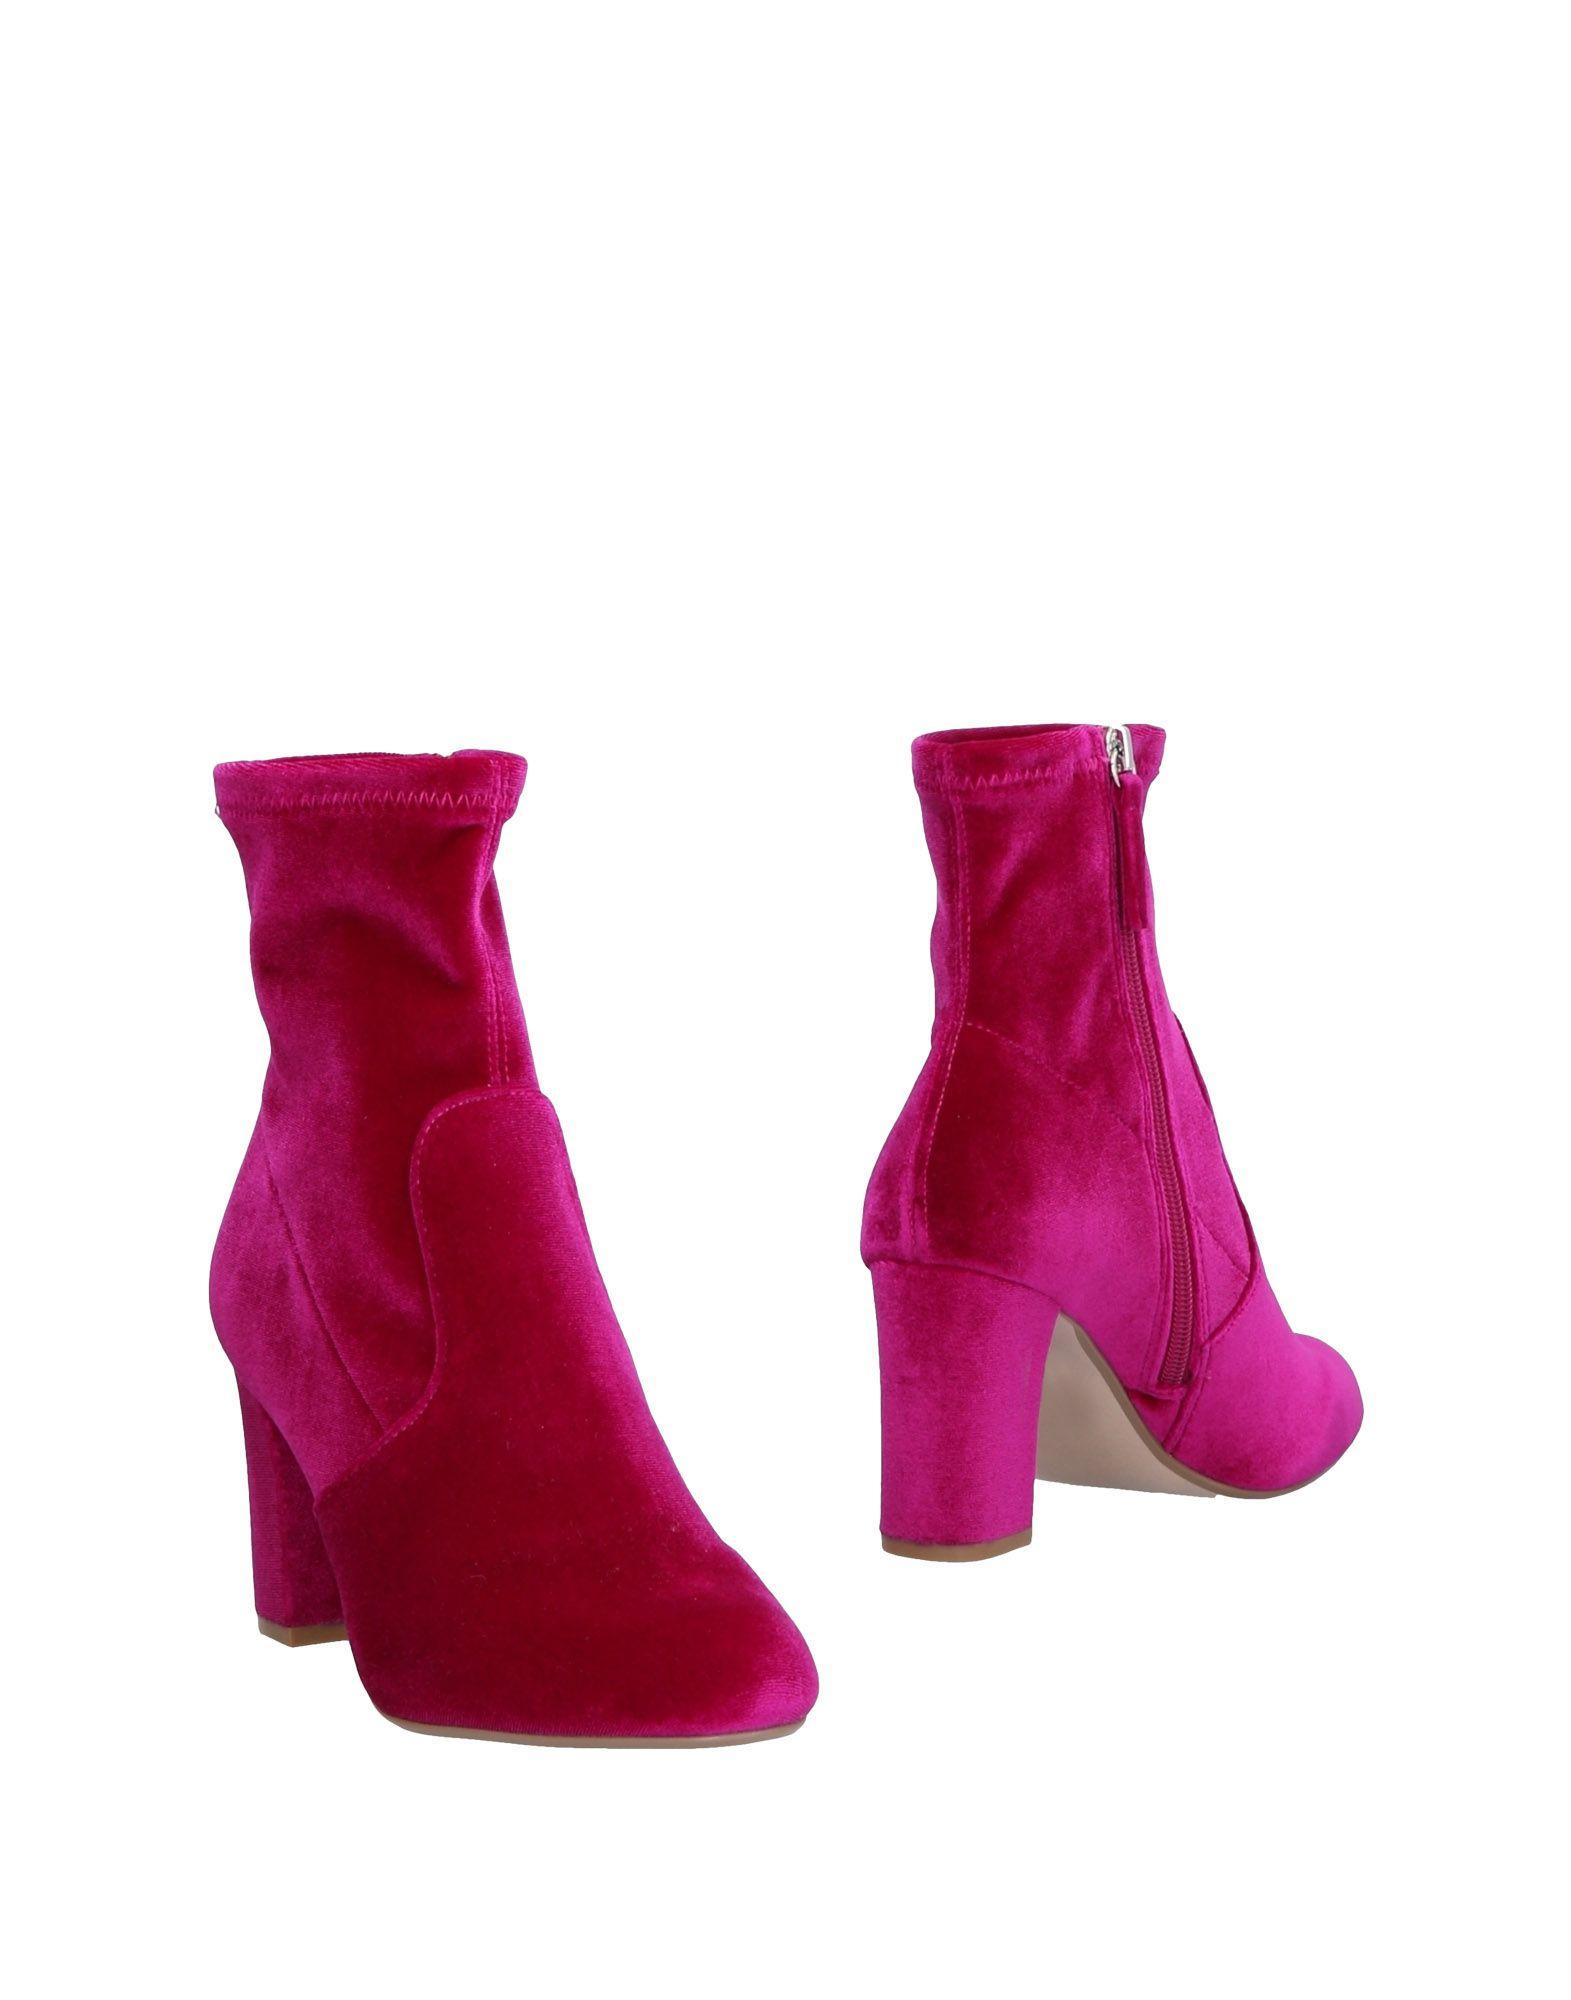 Steve Madden Stiefelette Damen  11467705HL Gute Qualität beliebte Schuhe